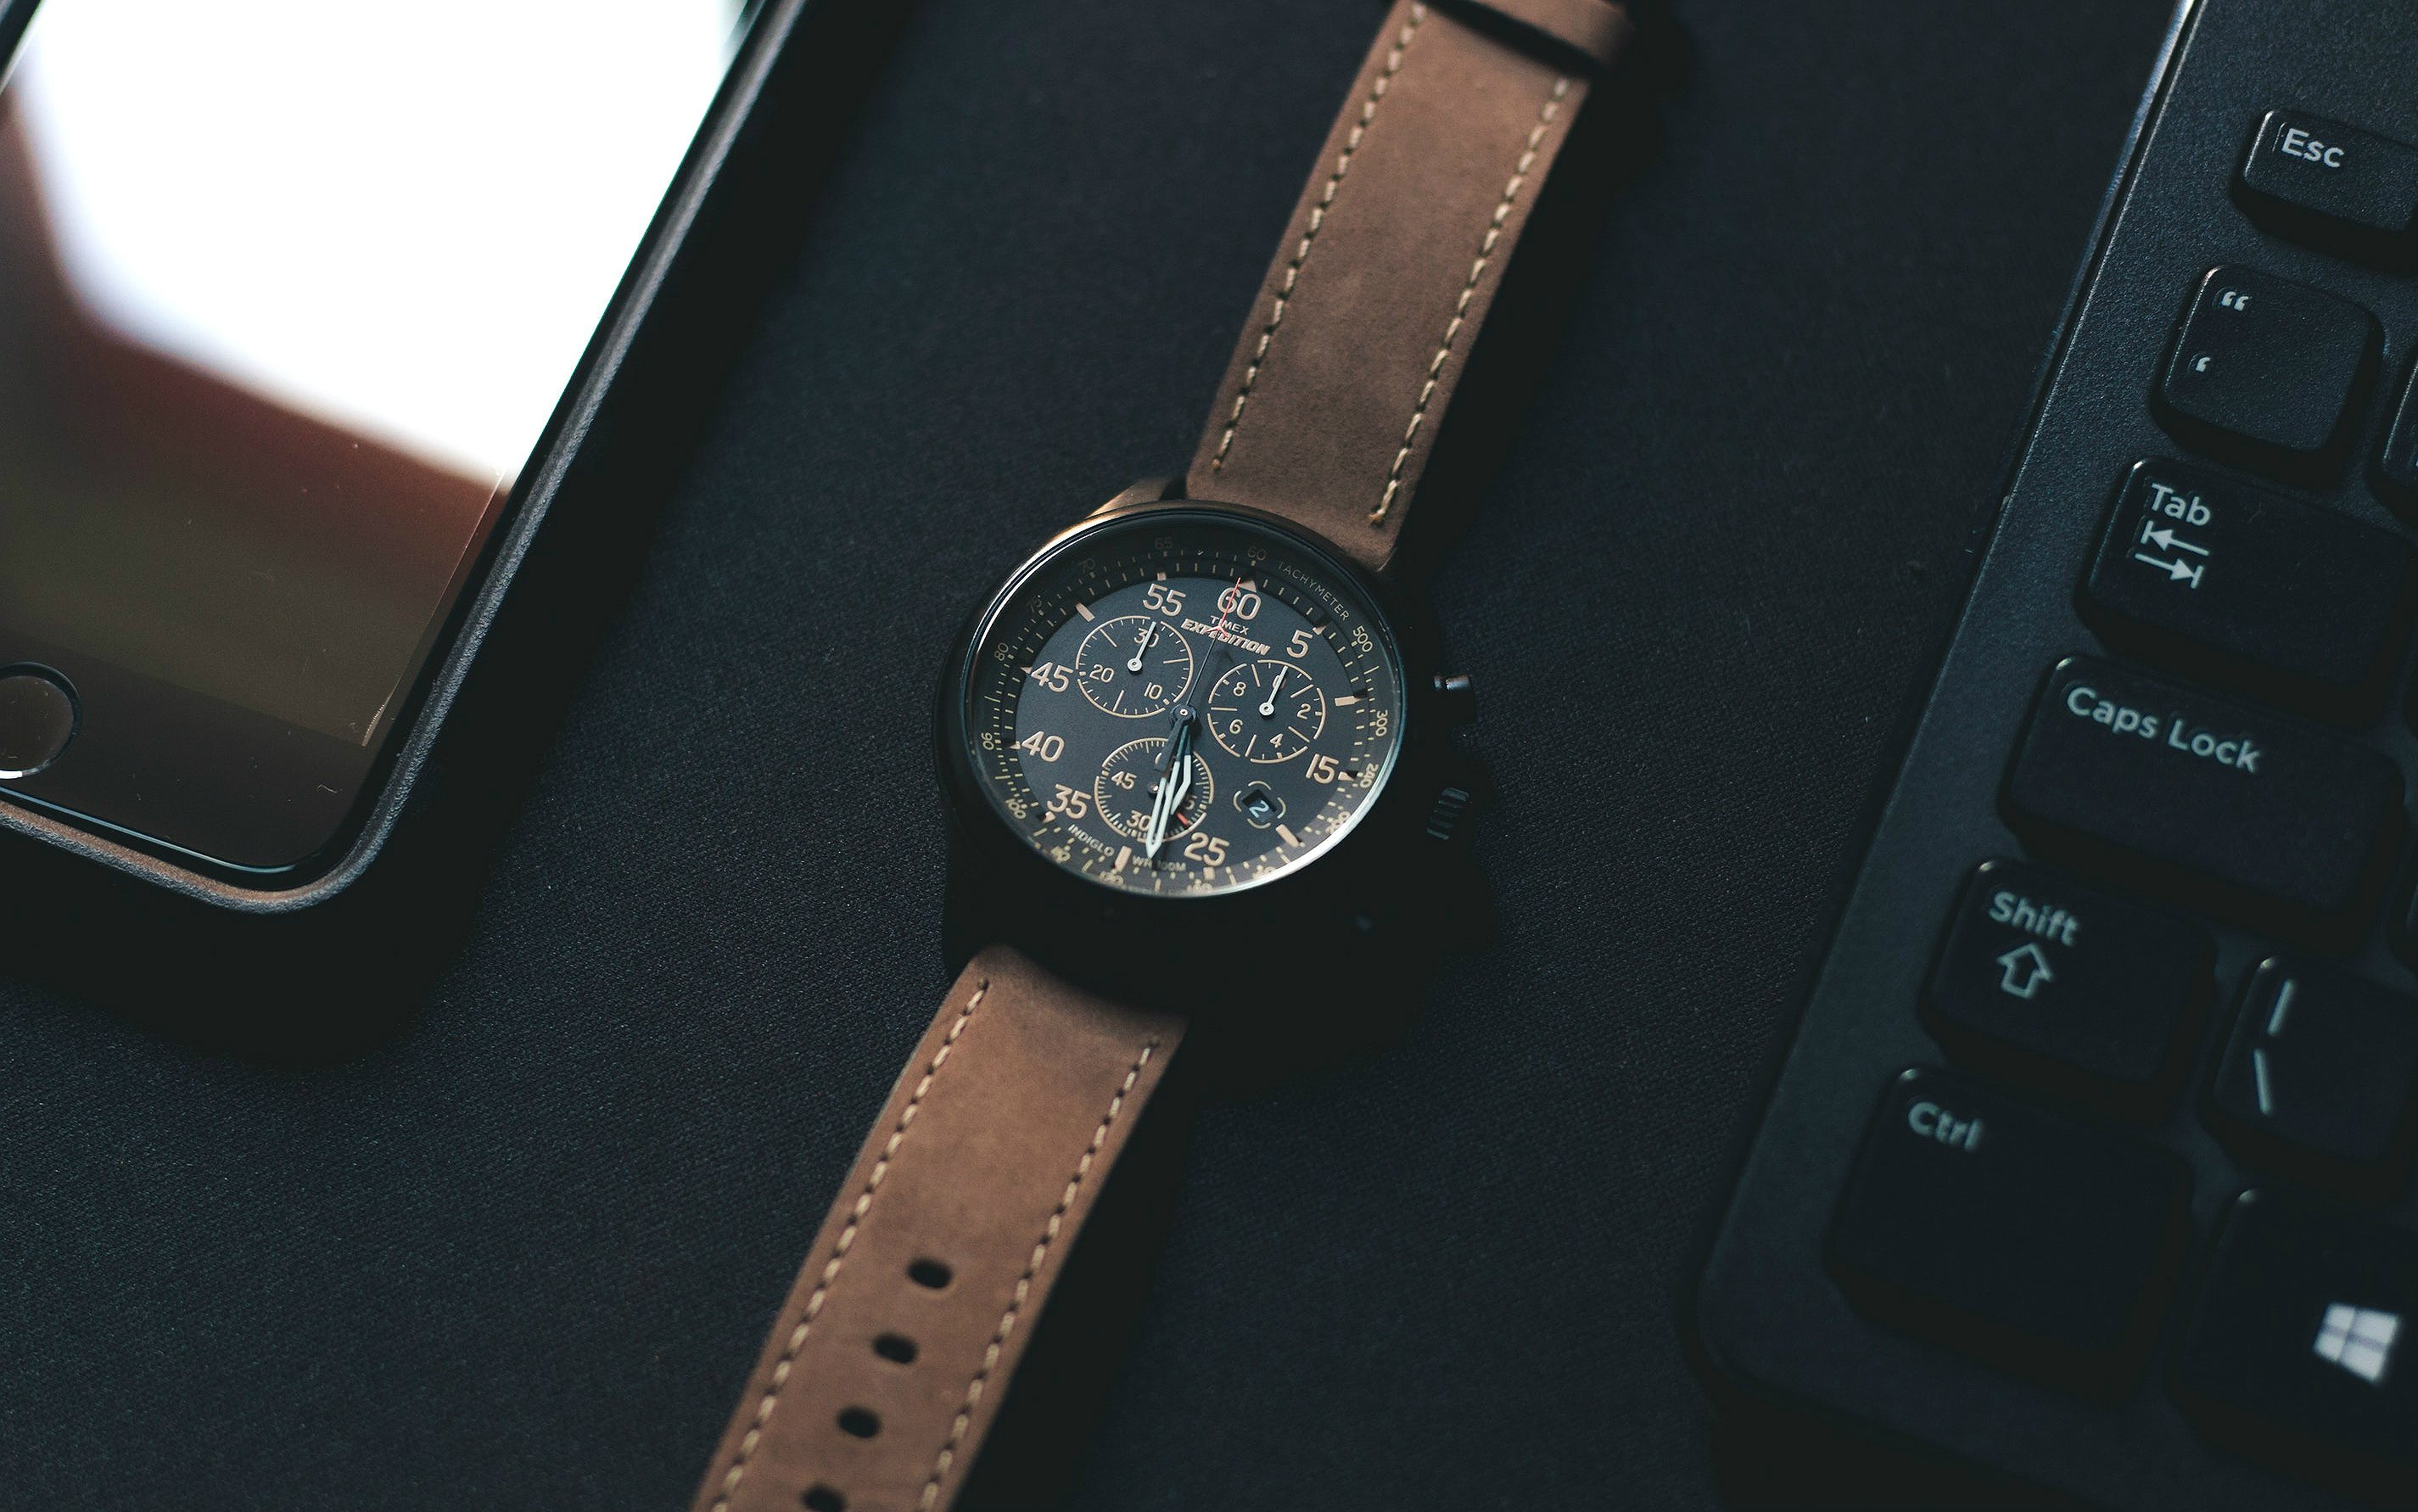 Best Field Watches Under $100